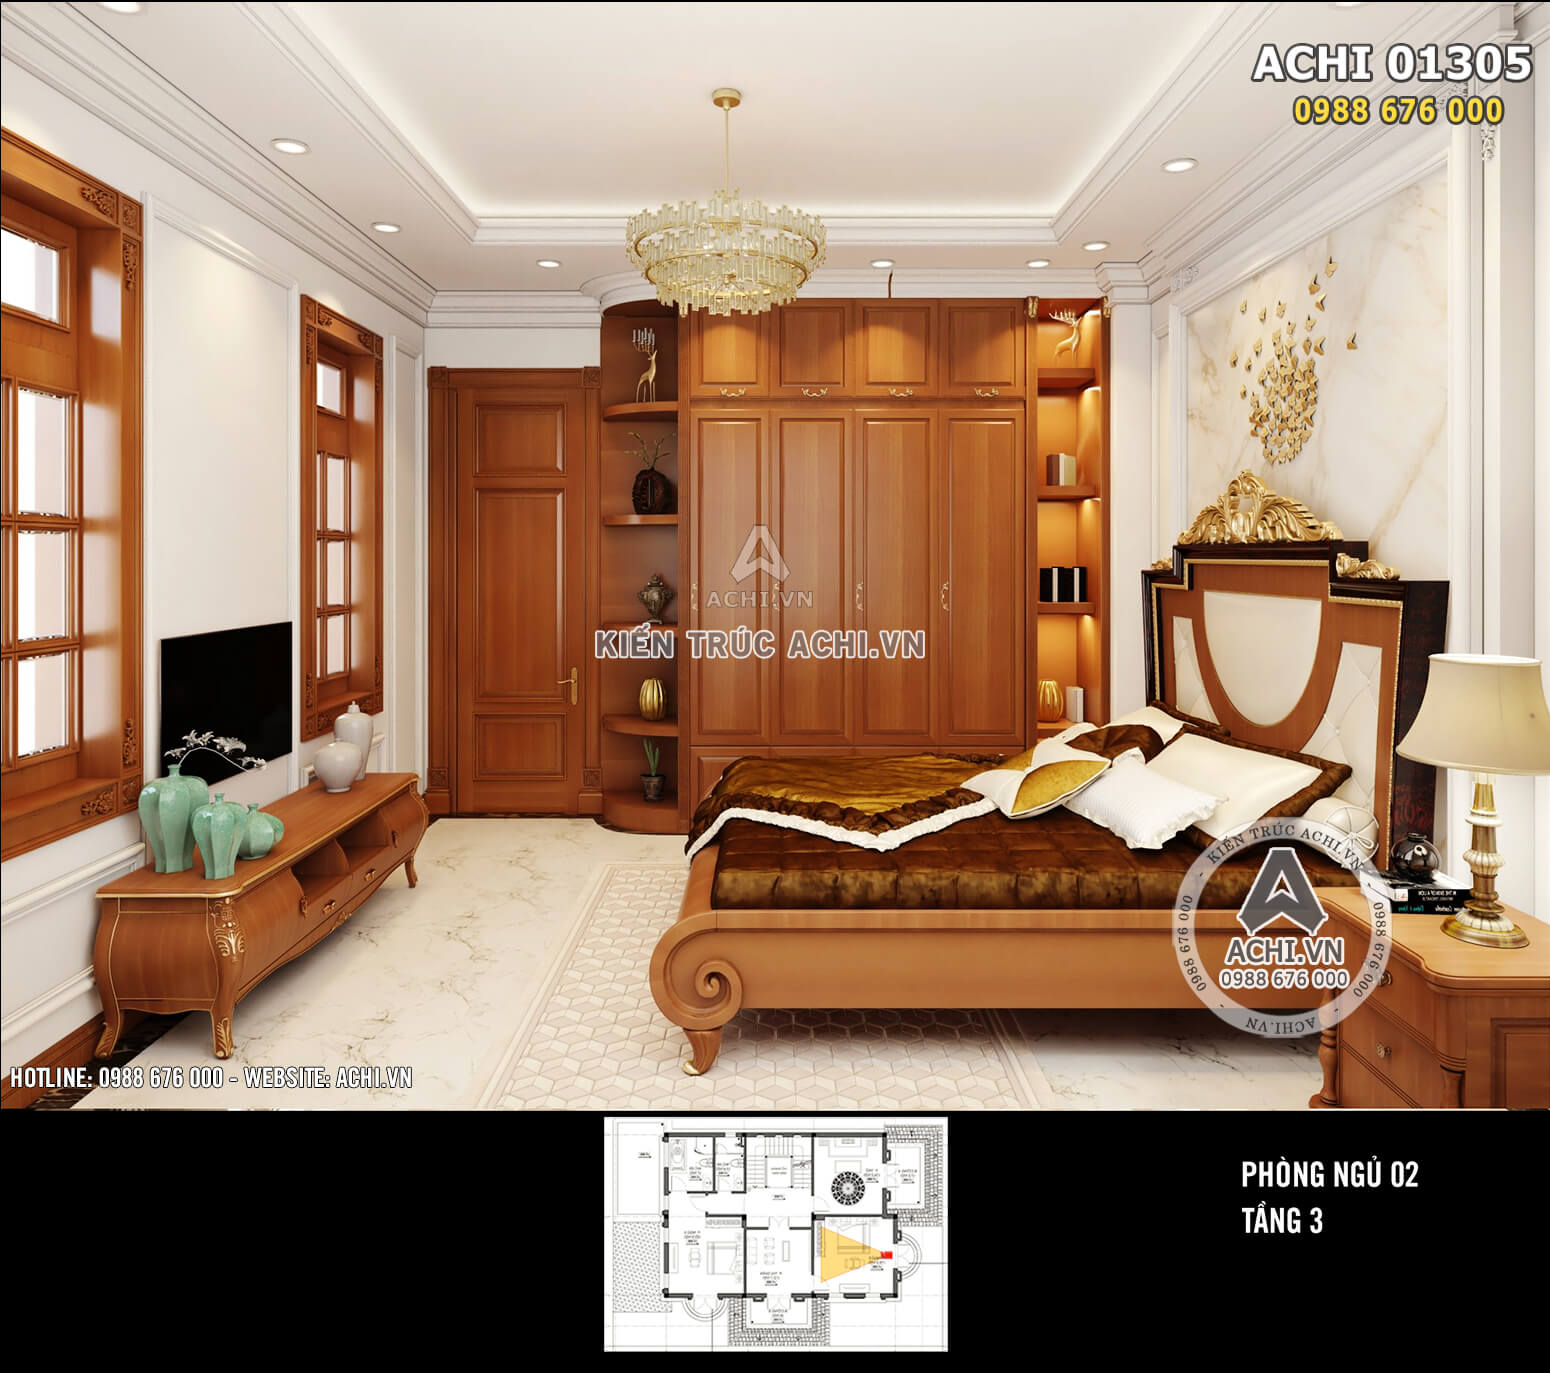 Phòng ngủ 02 được thiết kế tối giản nhưng tiện nghi, sang trọng